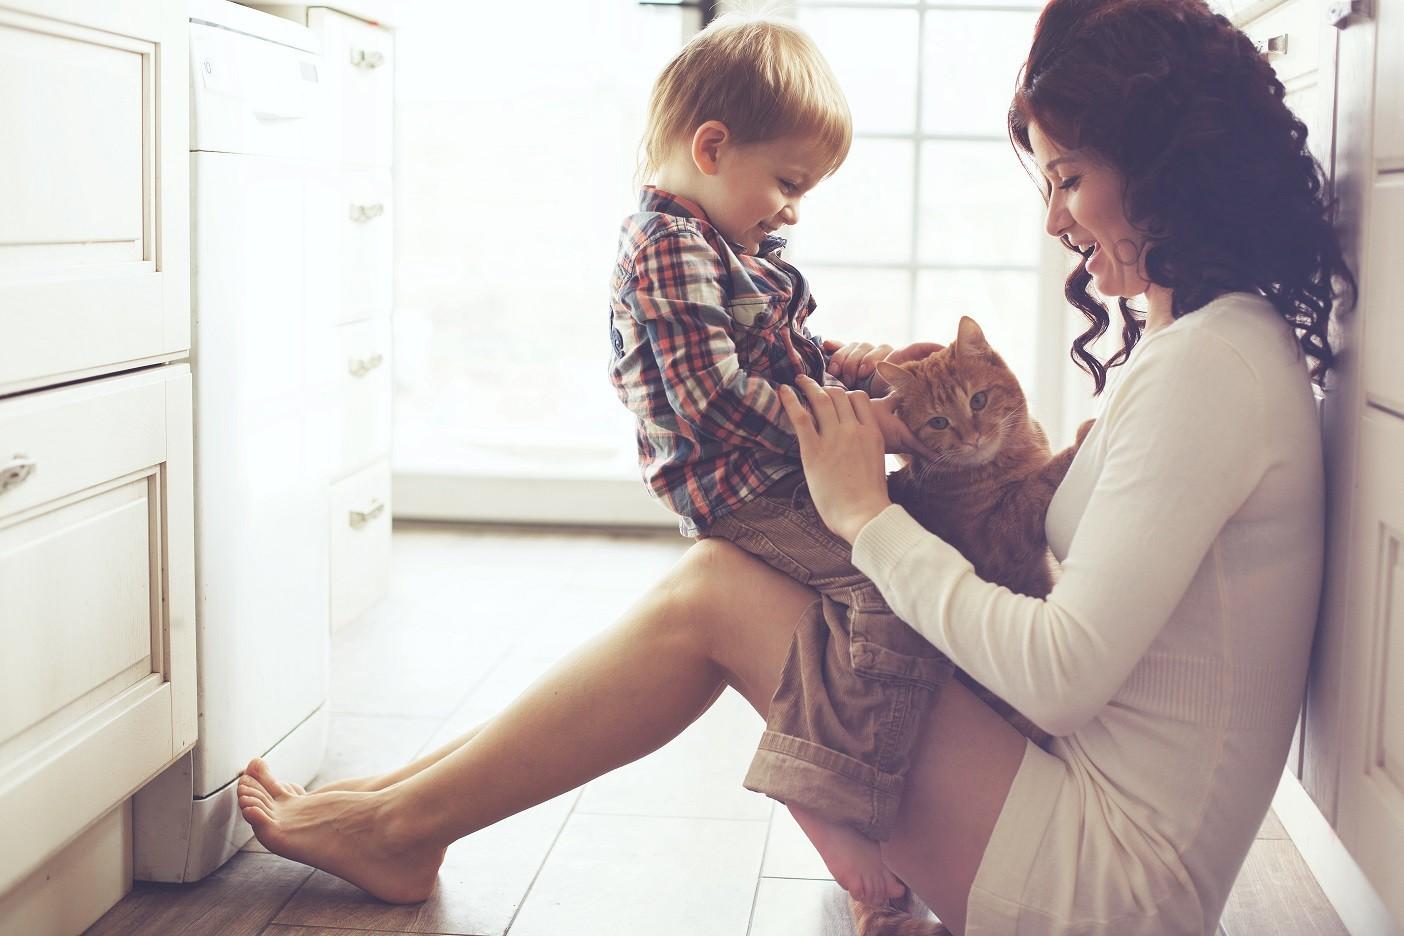 Єдина дитина в сім'ї: як уникнути помилок виховання